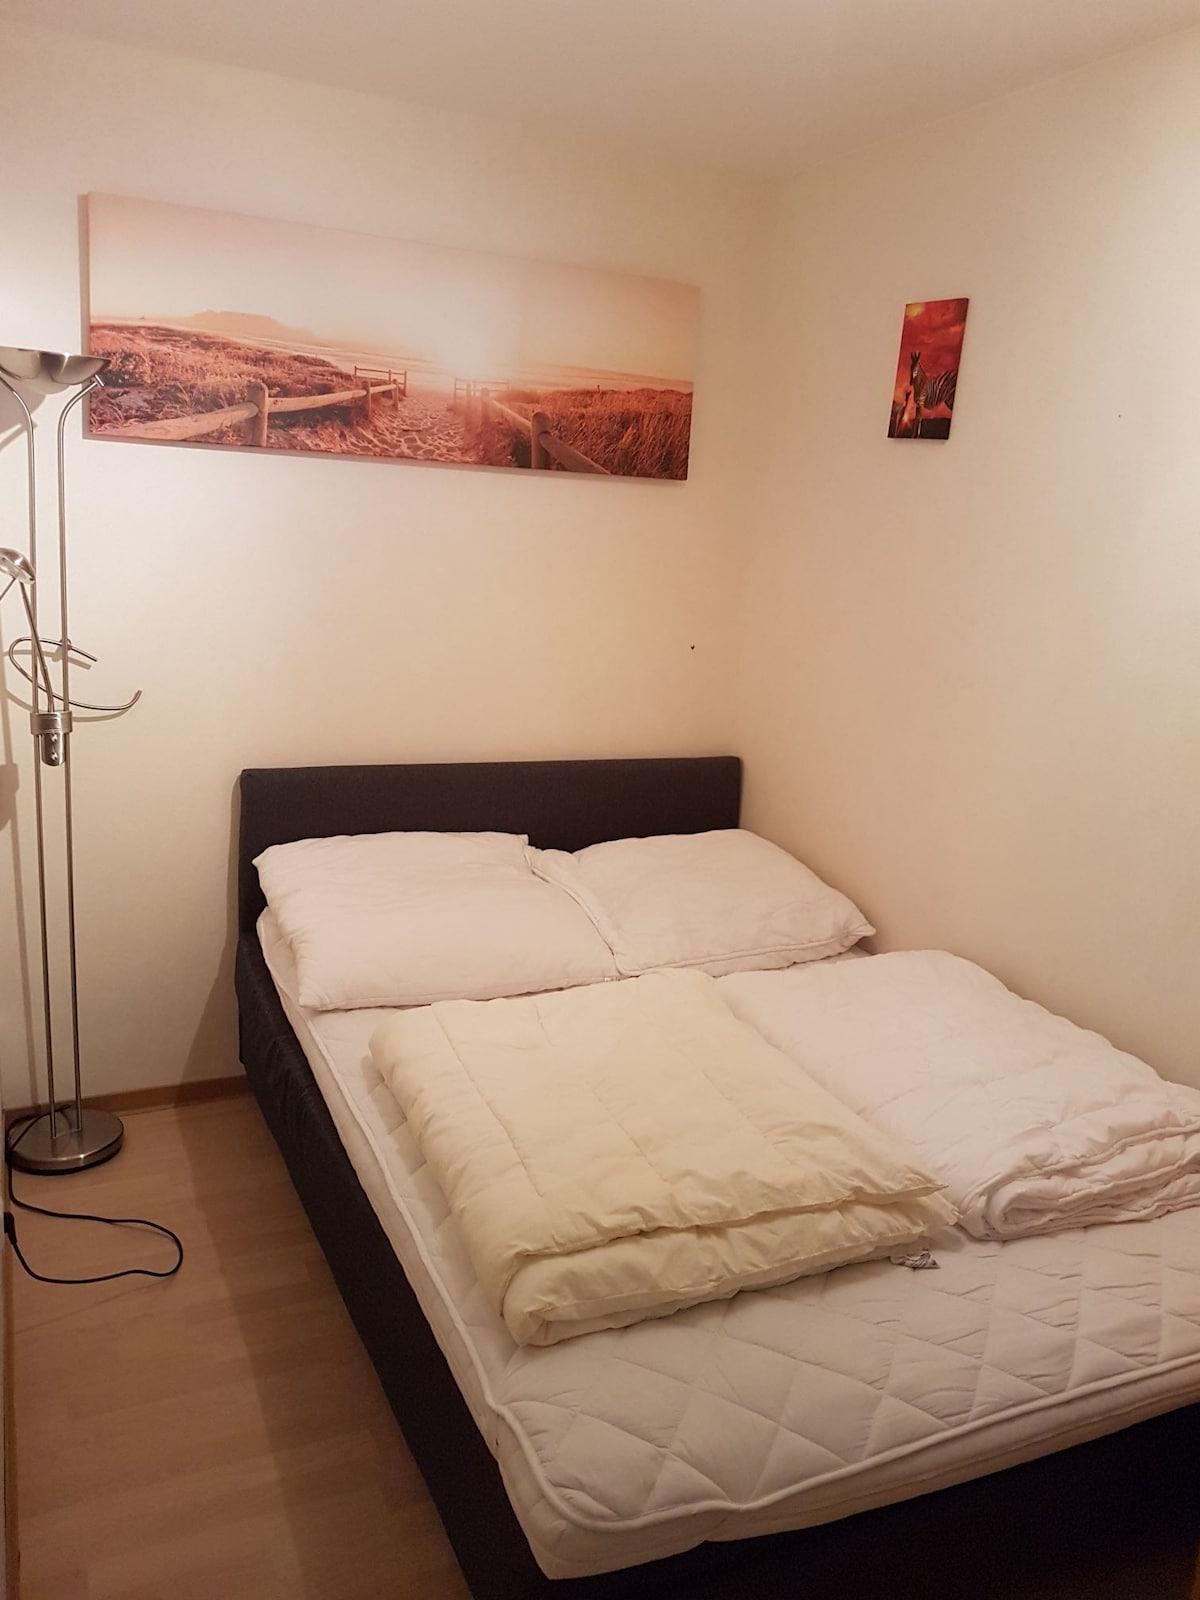 ... In Cuxhaven U2013 Ferienwohnungen, Urlaubsunterkünfte U2013 Airbnb Cuxhaven,  Niedersachsen, Deutschland: Ferienwohnung Cuxhaven U0026 Cuxhaven Ferienwohnung